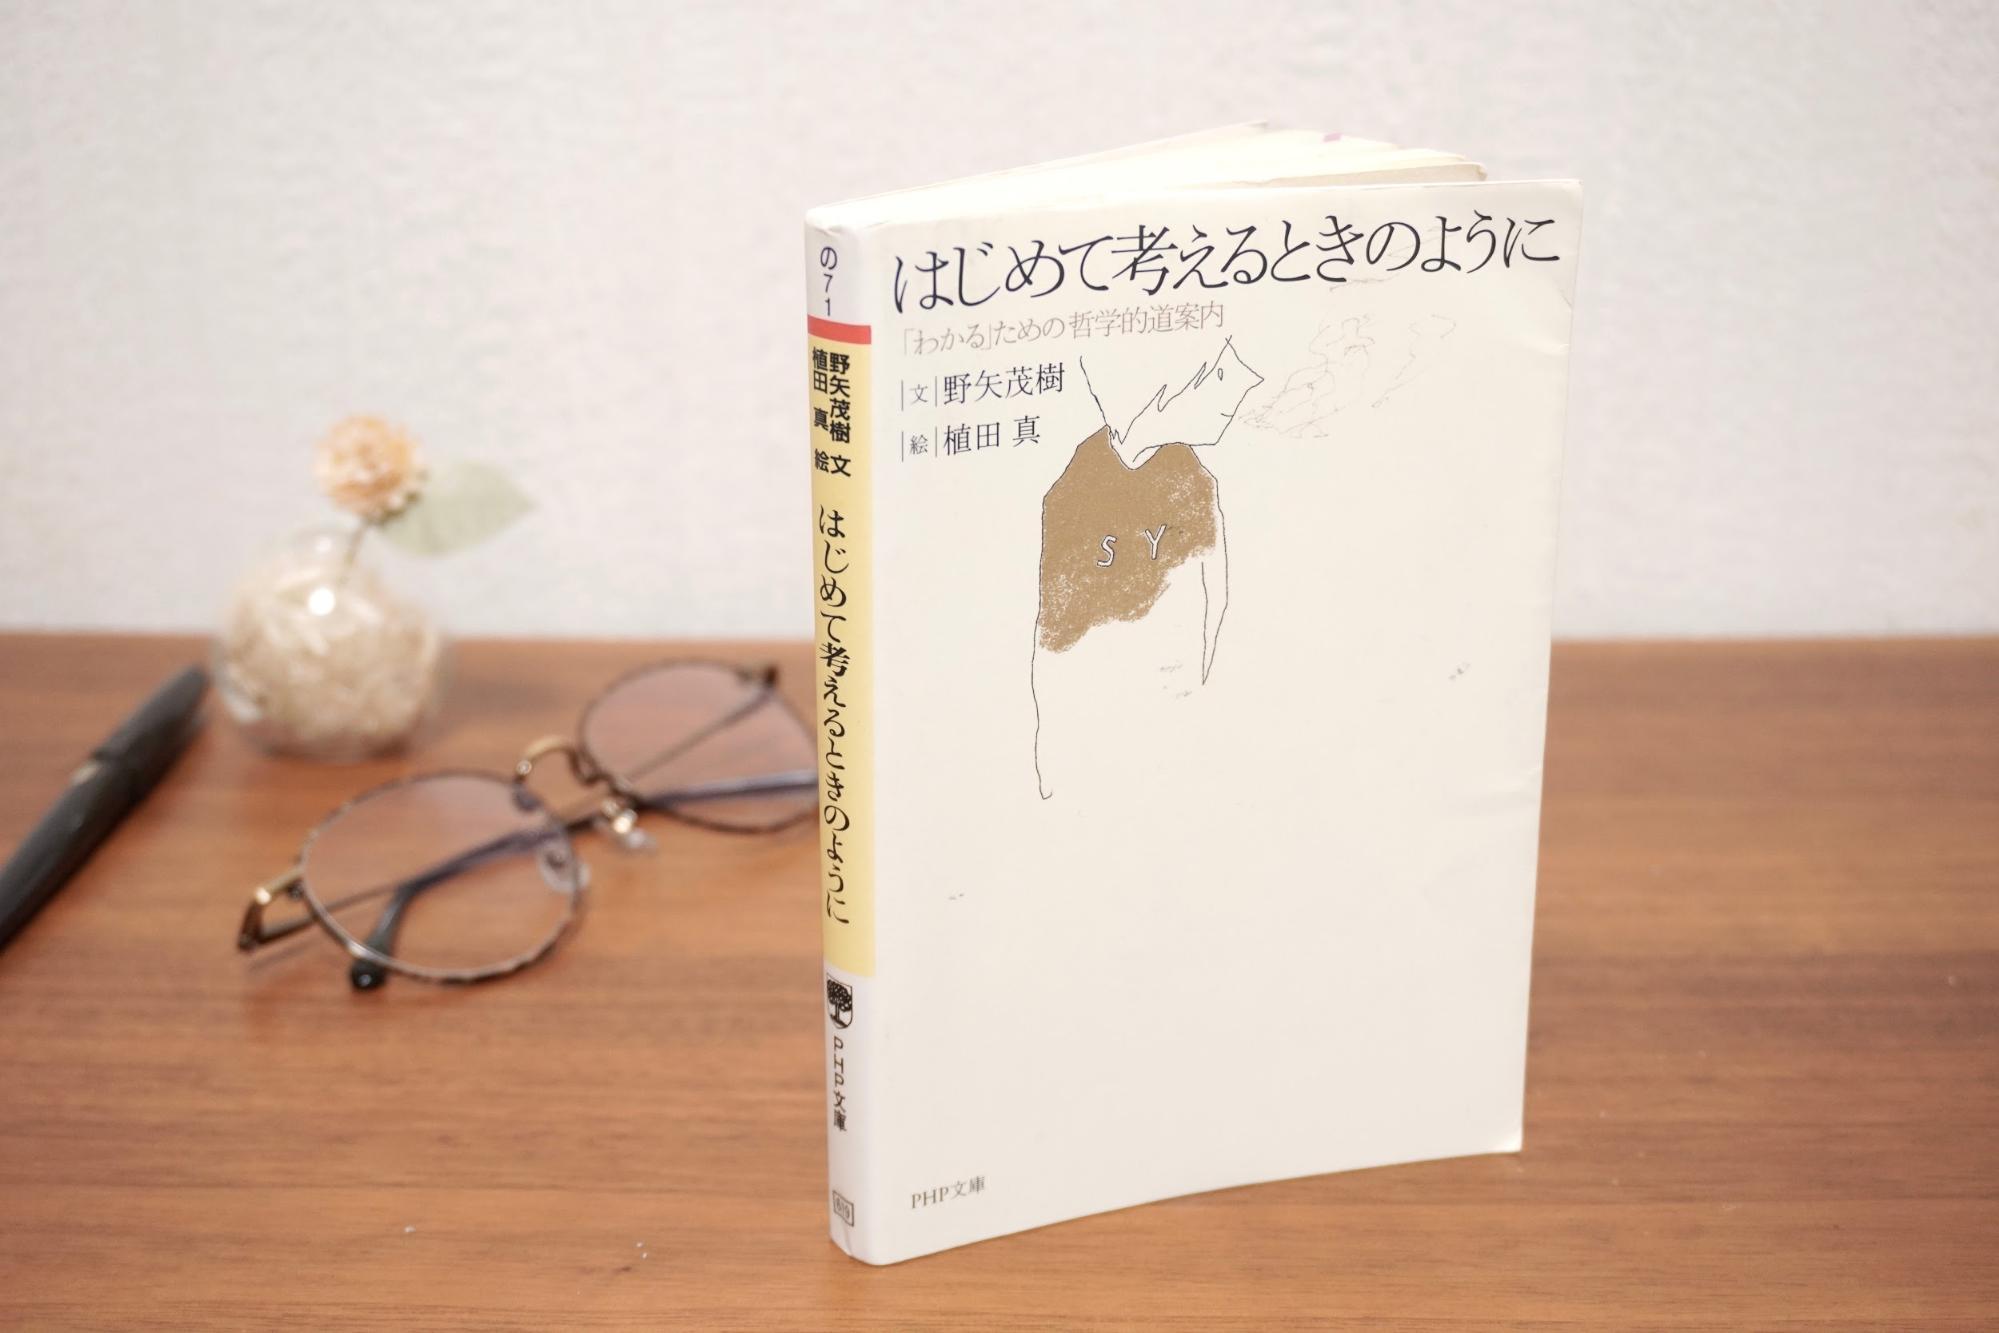 柳川千秋・おこもり時間に読みたい本・はじめて考えるときのように